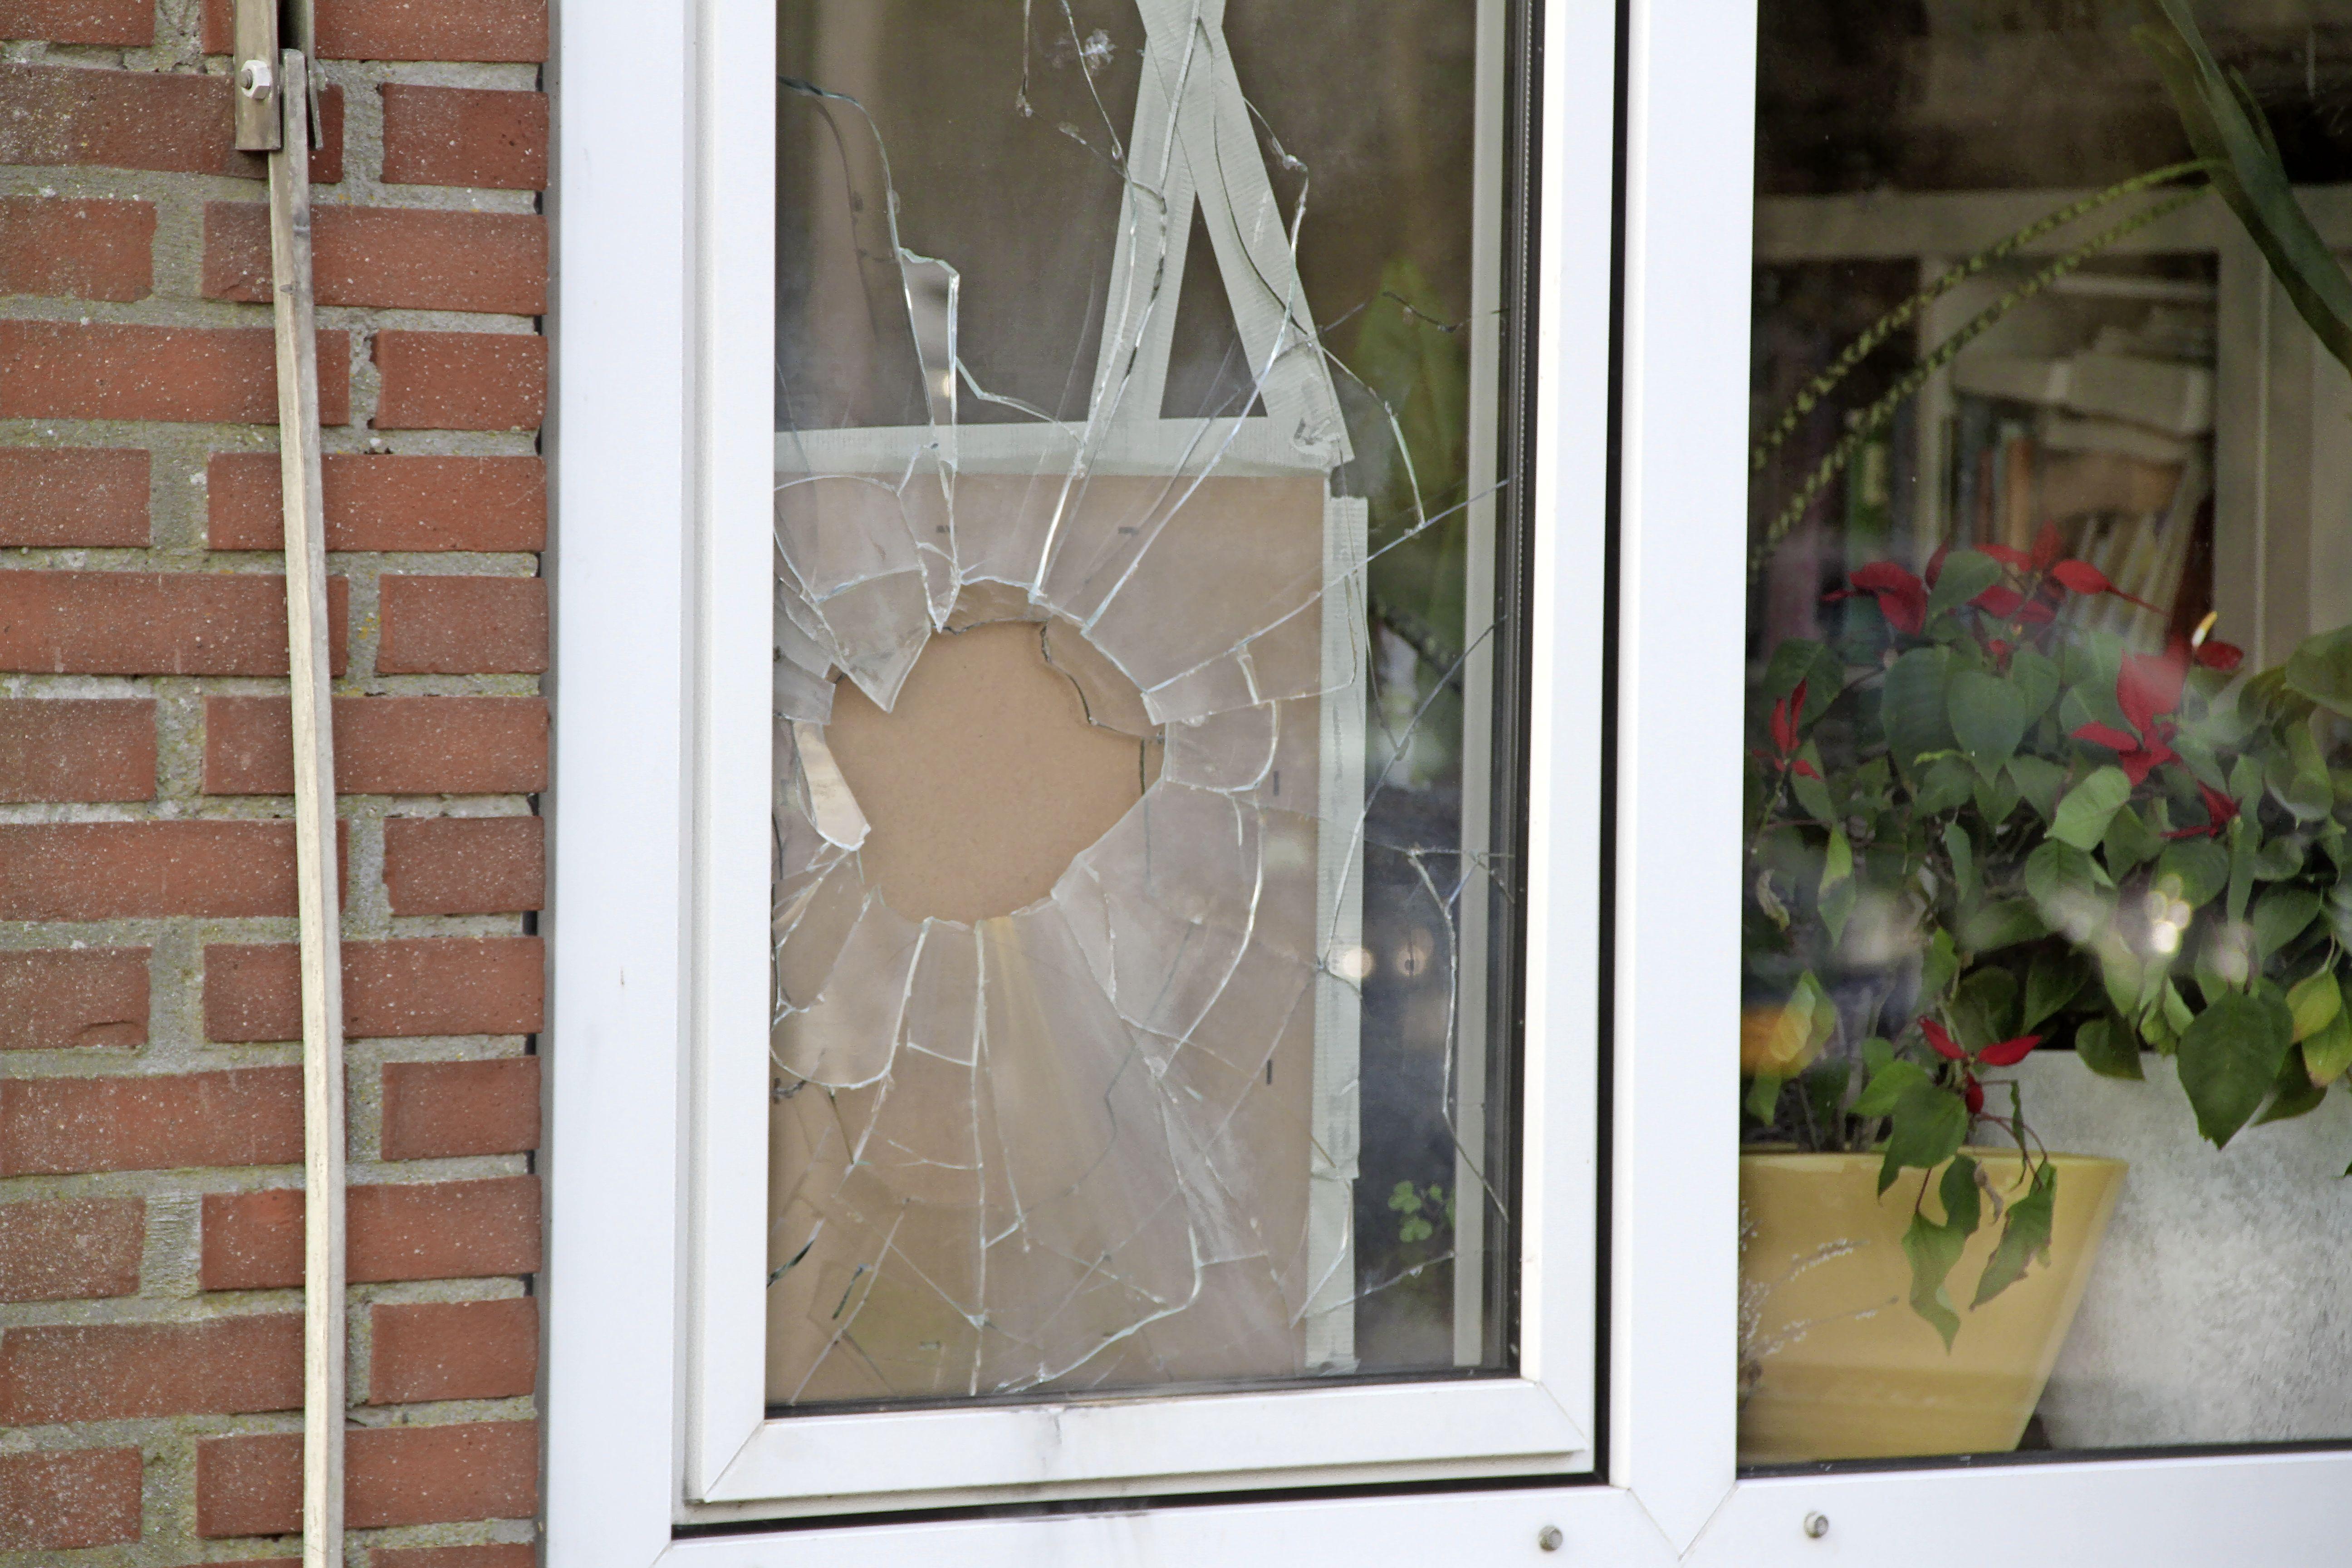 Vuurwerkbom vernielt het raam van CDA-raadslid Ben Zegeren op Texel. 'Dit is de derde keer dat het gebeurt, dit moet een gerichte actie zijn'